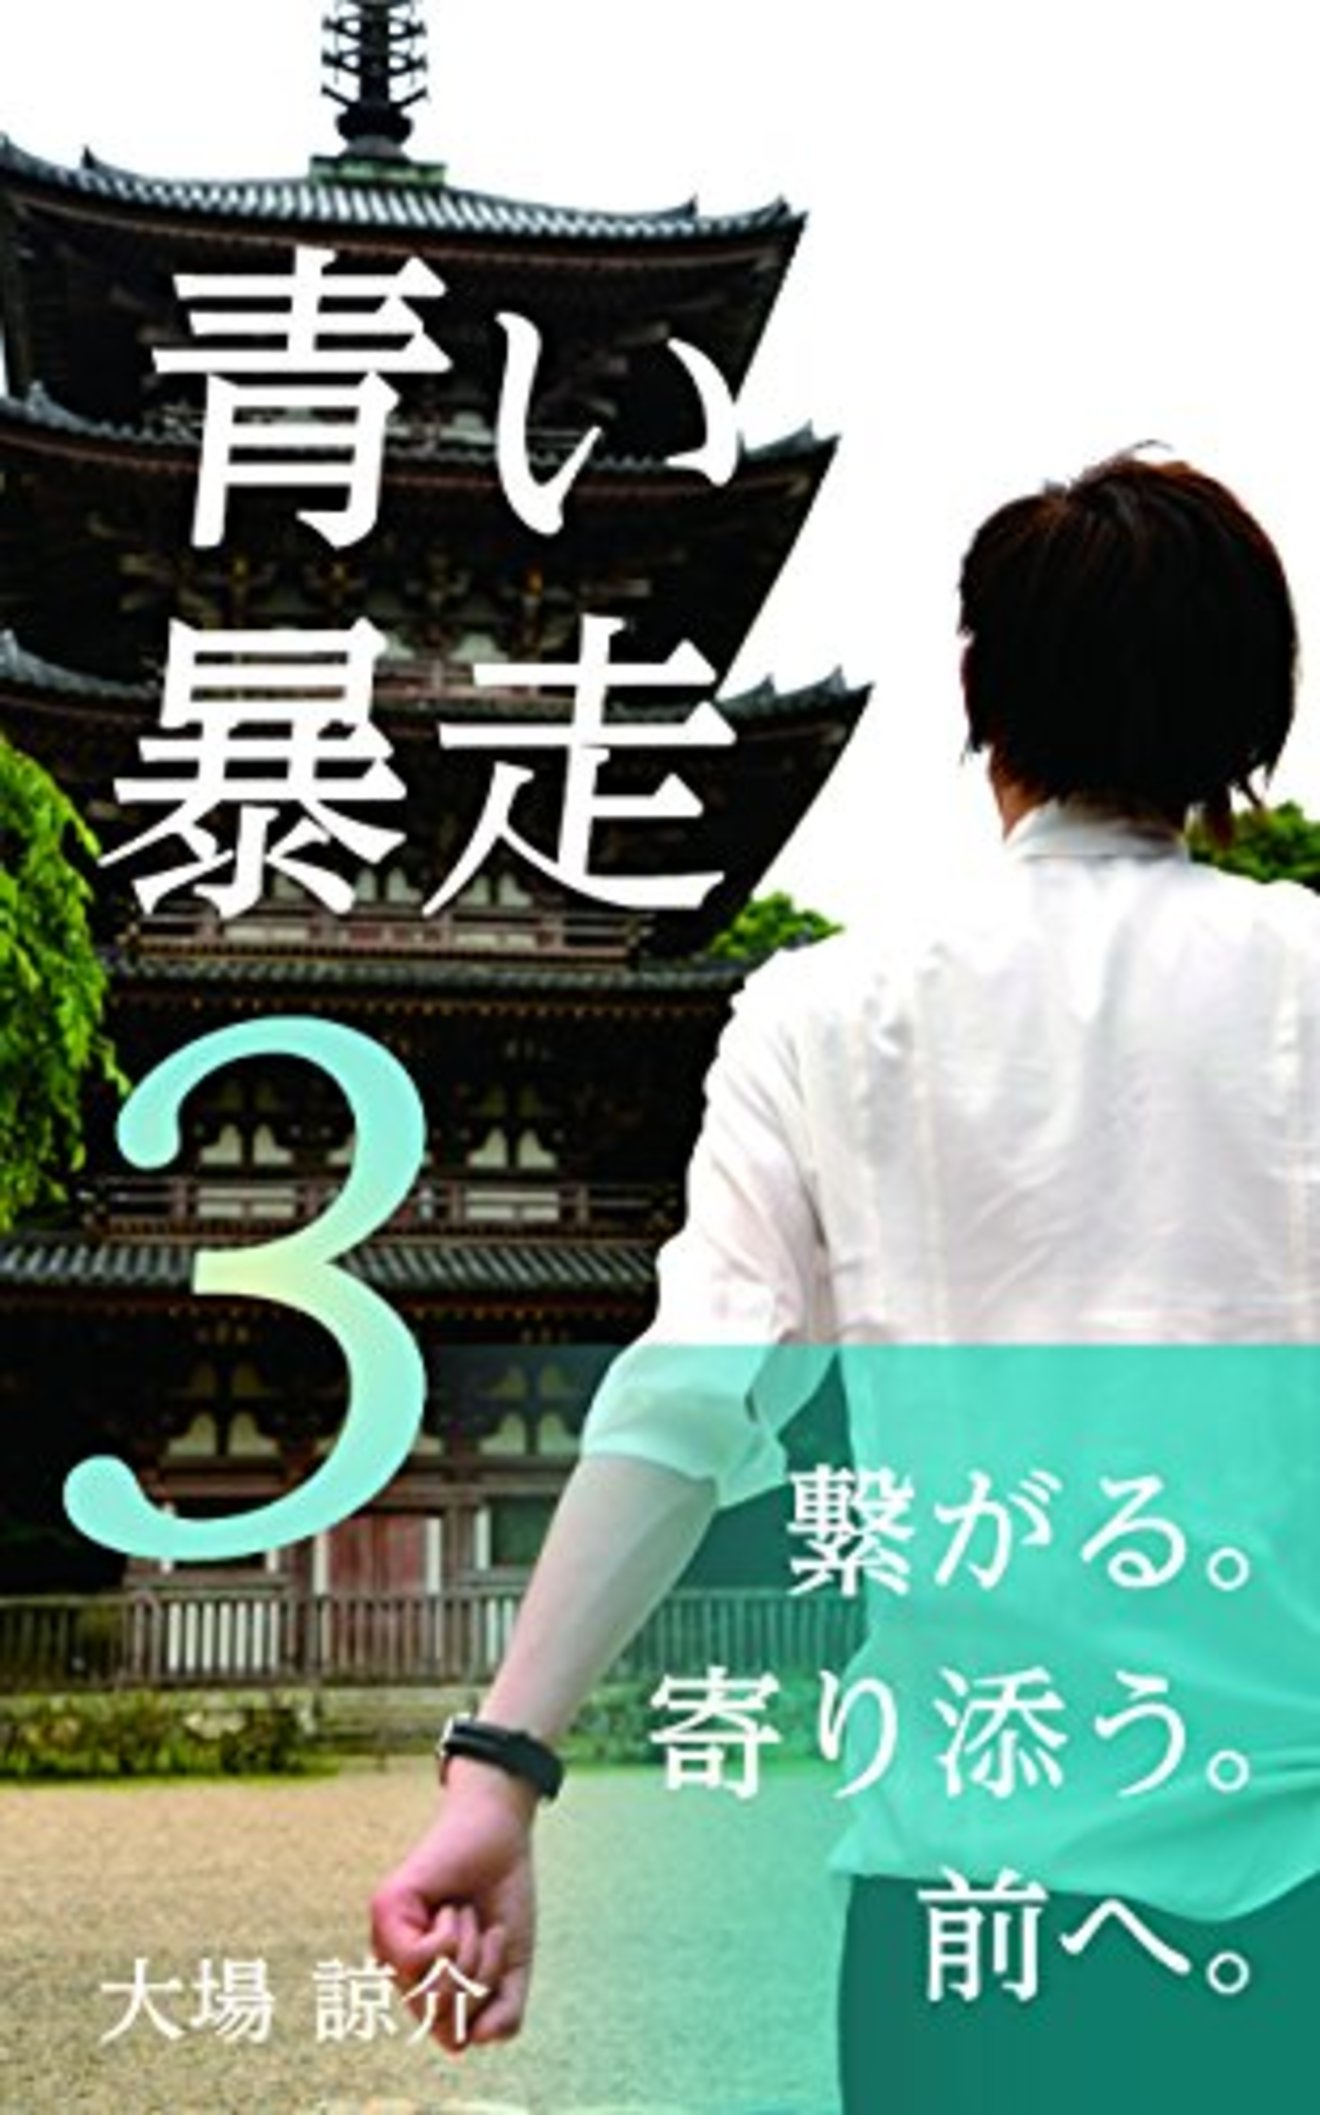 【連載小説】「ロマンティックが終わる時」第17話【毎朝6時更新】